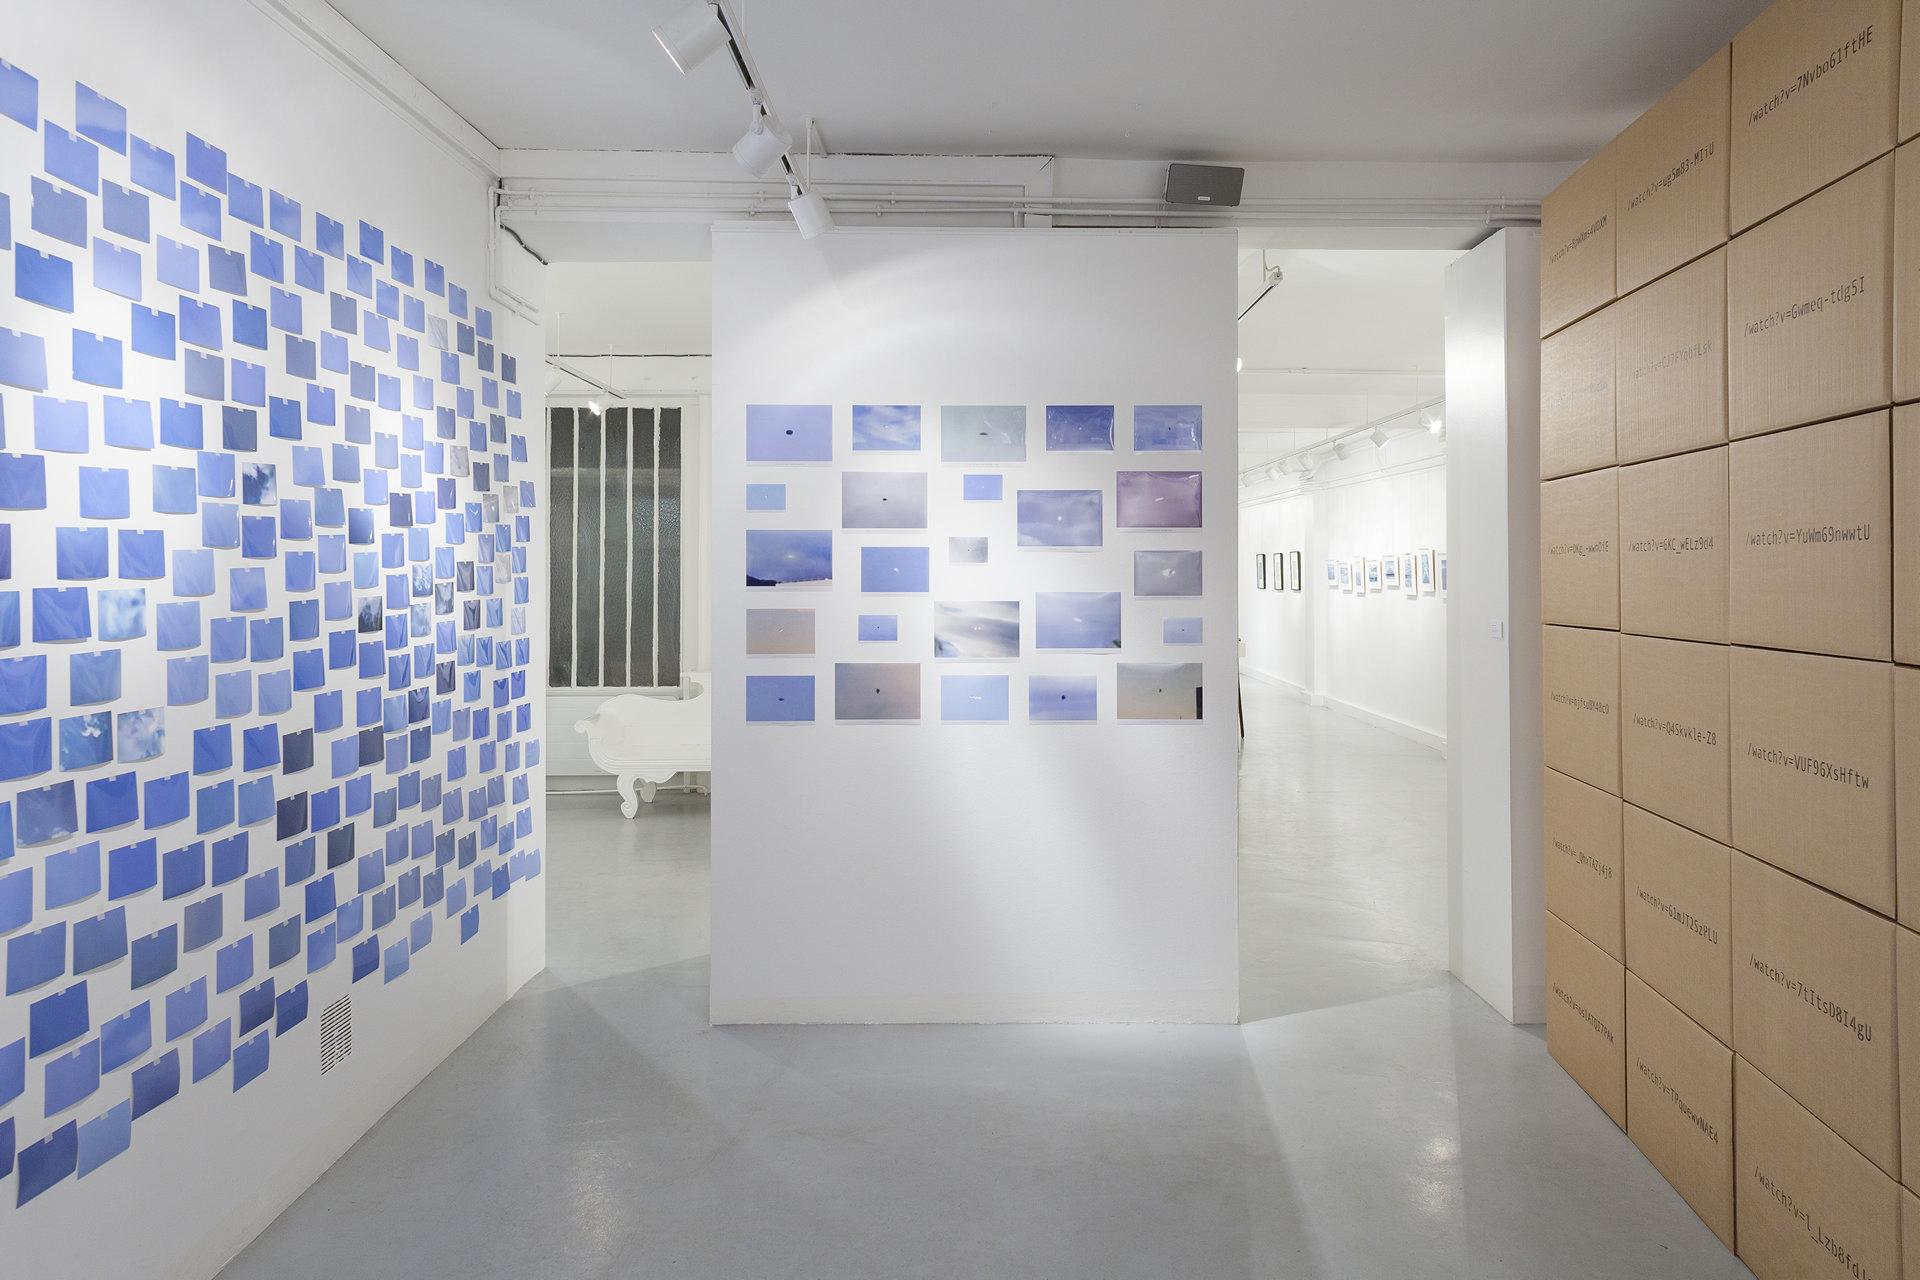 Adrien Tomaz, 2015 - 24 photogrammes légendés ; 600 photogrammes non-légendés ; 24 cartons de déménagement ; air ; peinture acrylique ; extraits de liens internet ; polices Andale Mono et FangSong